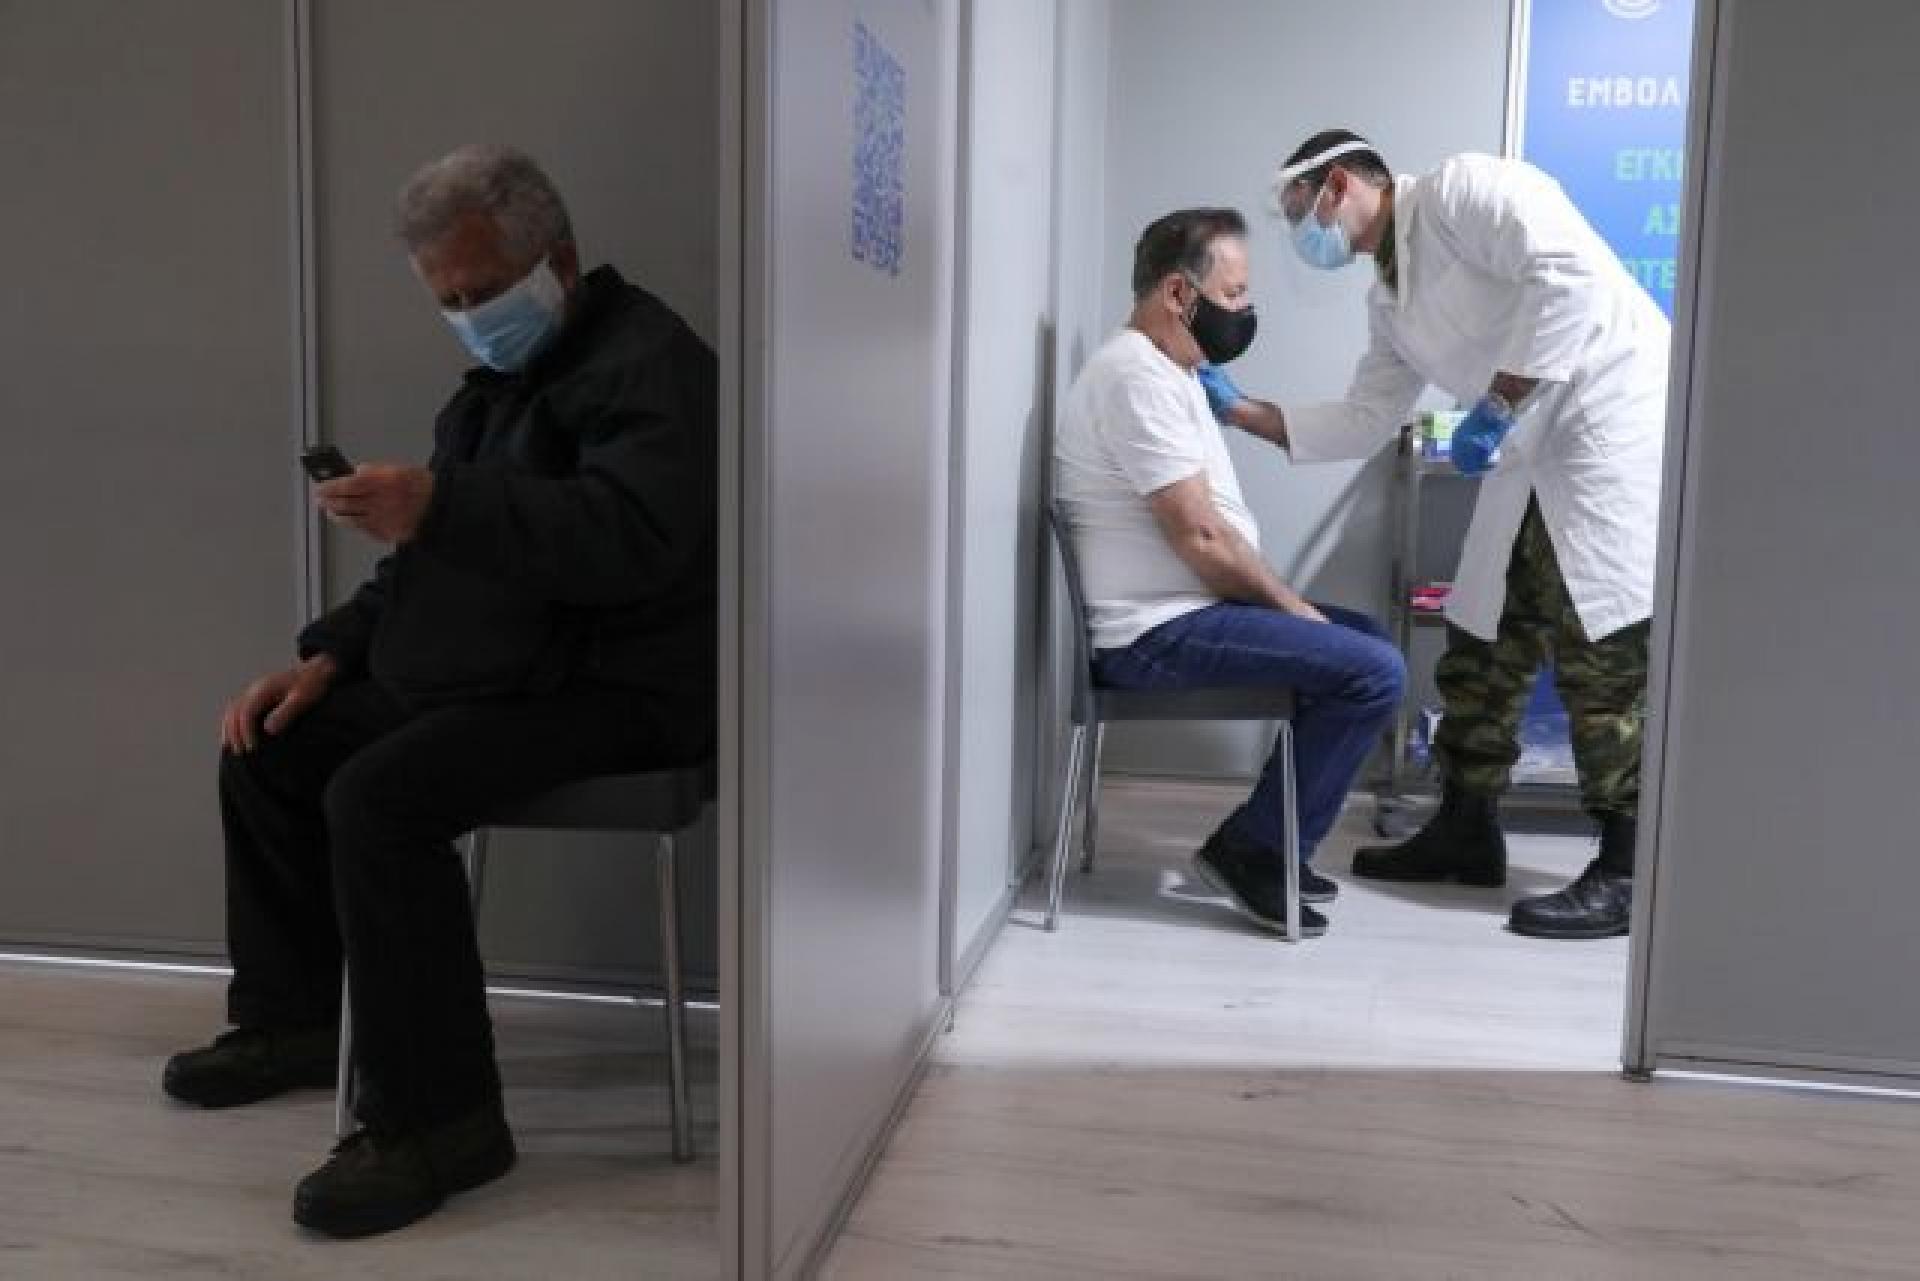 Έκτακτη Ενημέρωση: Αναβάλλονται οι εμβολιασμοί στην Αττική